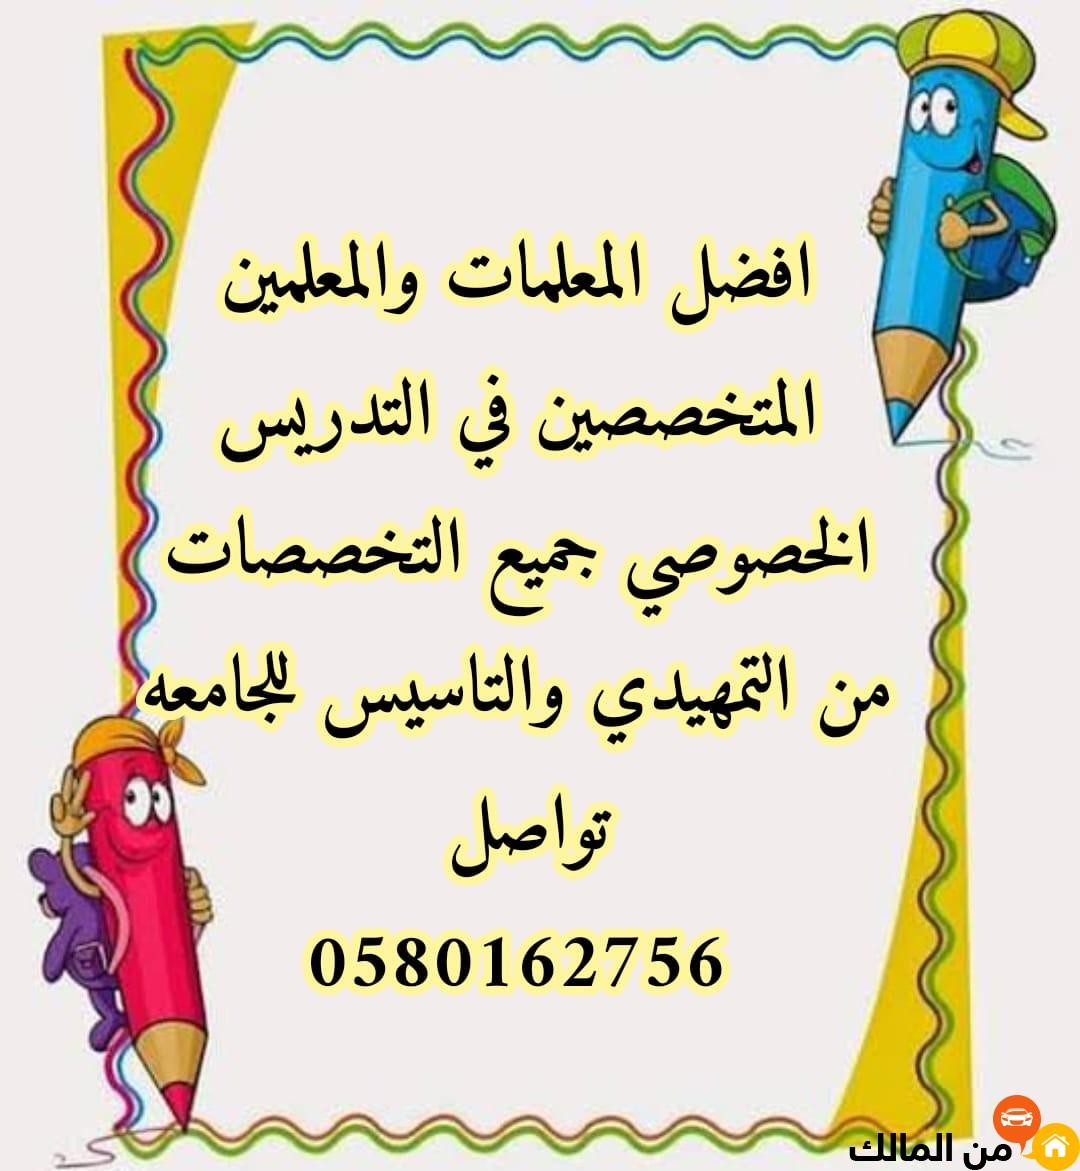 معلمة تأسيس ومتابعة بالرياض 0580162756